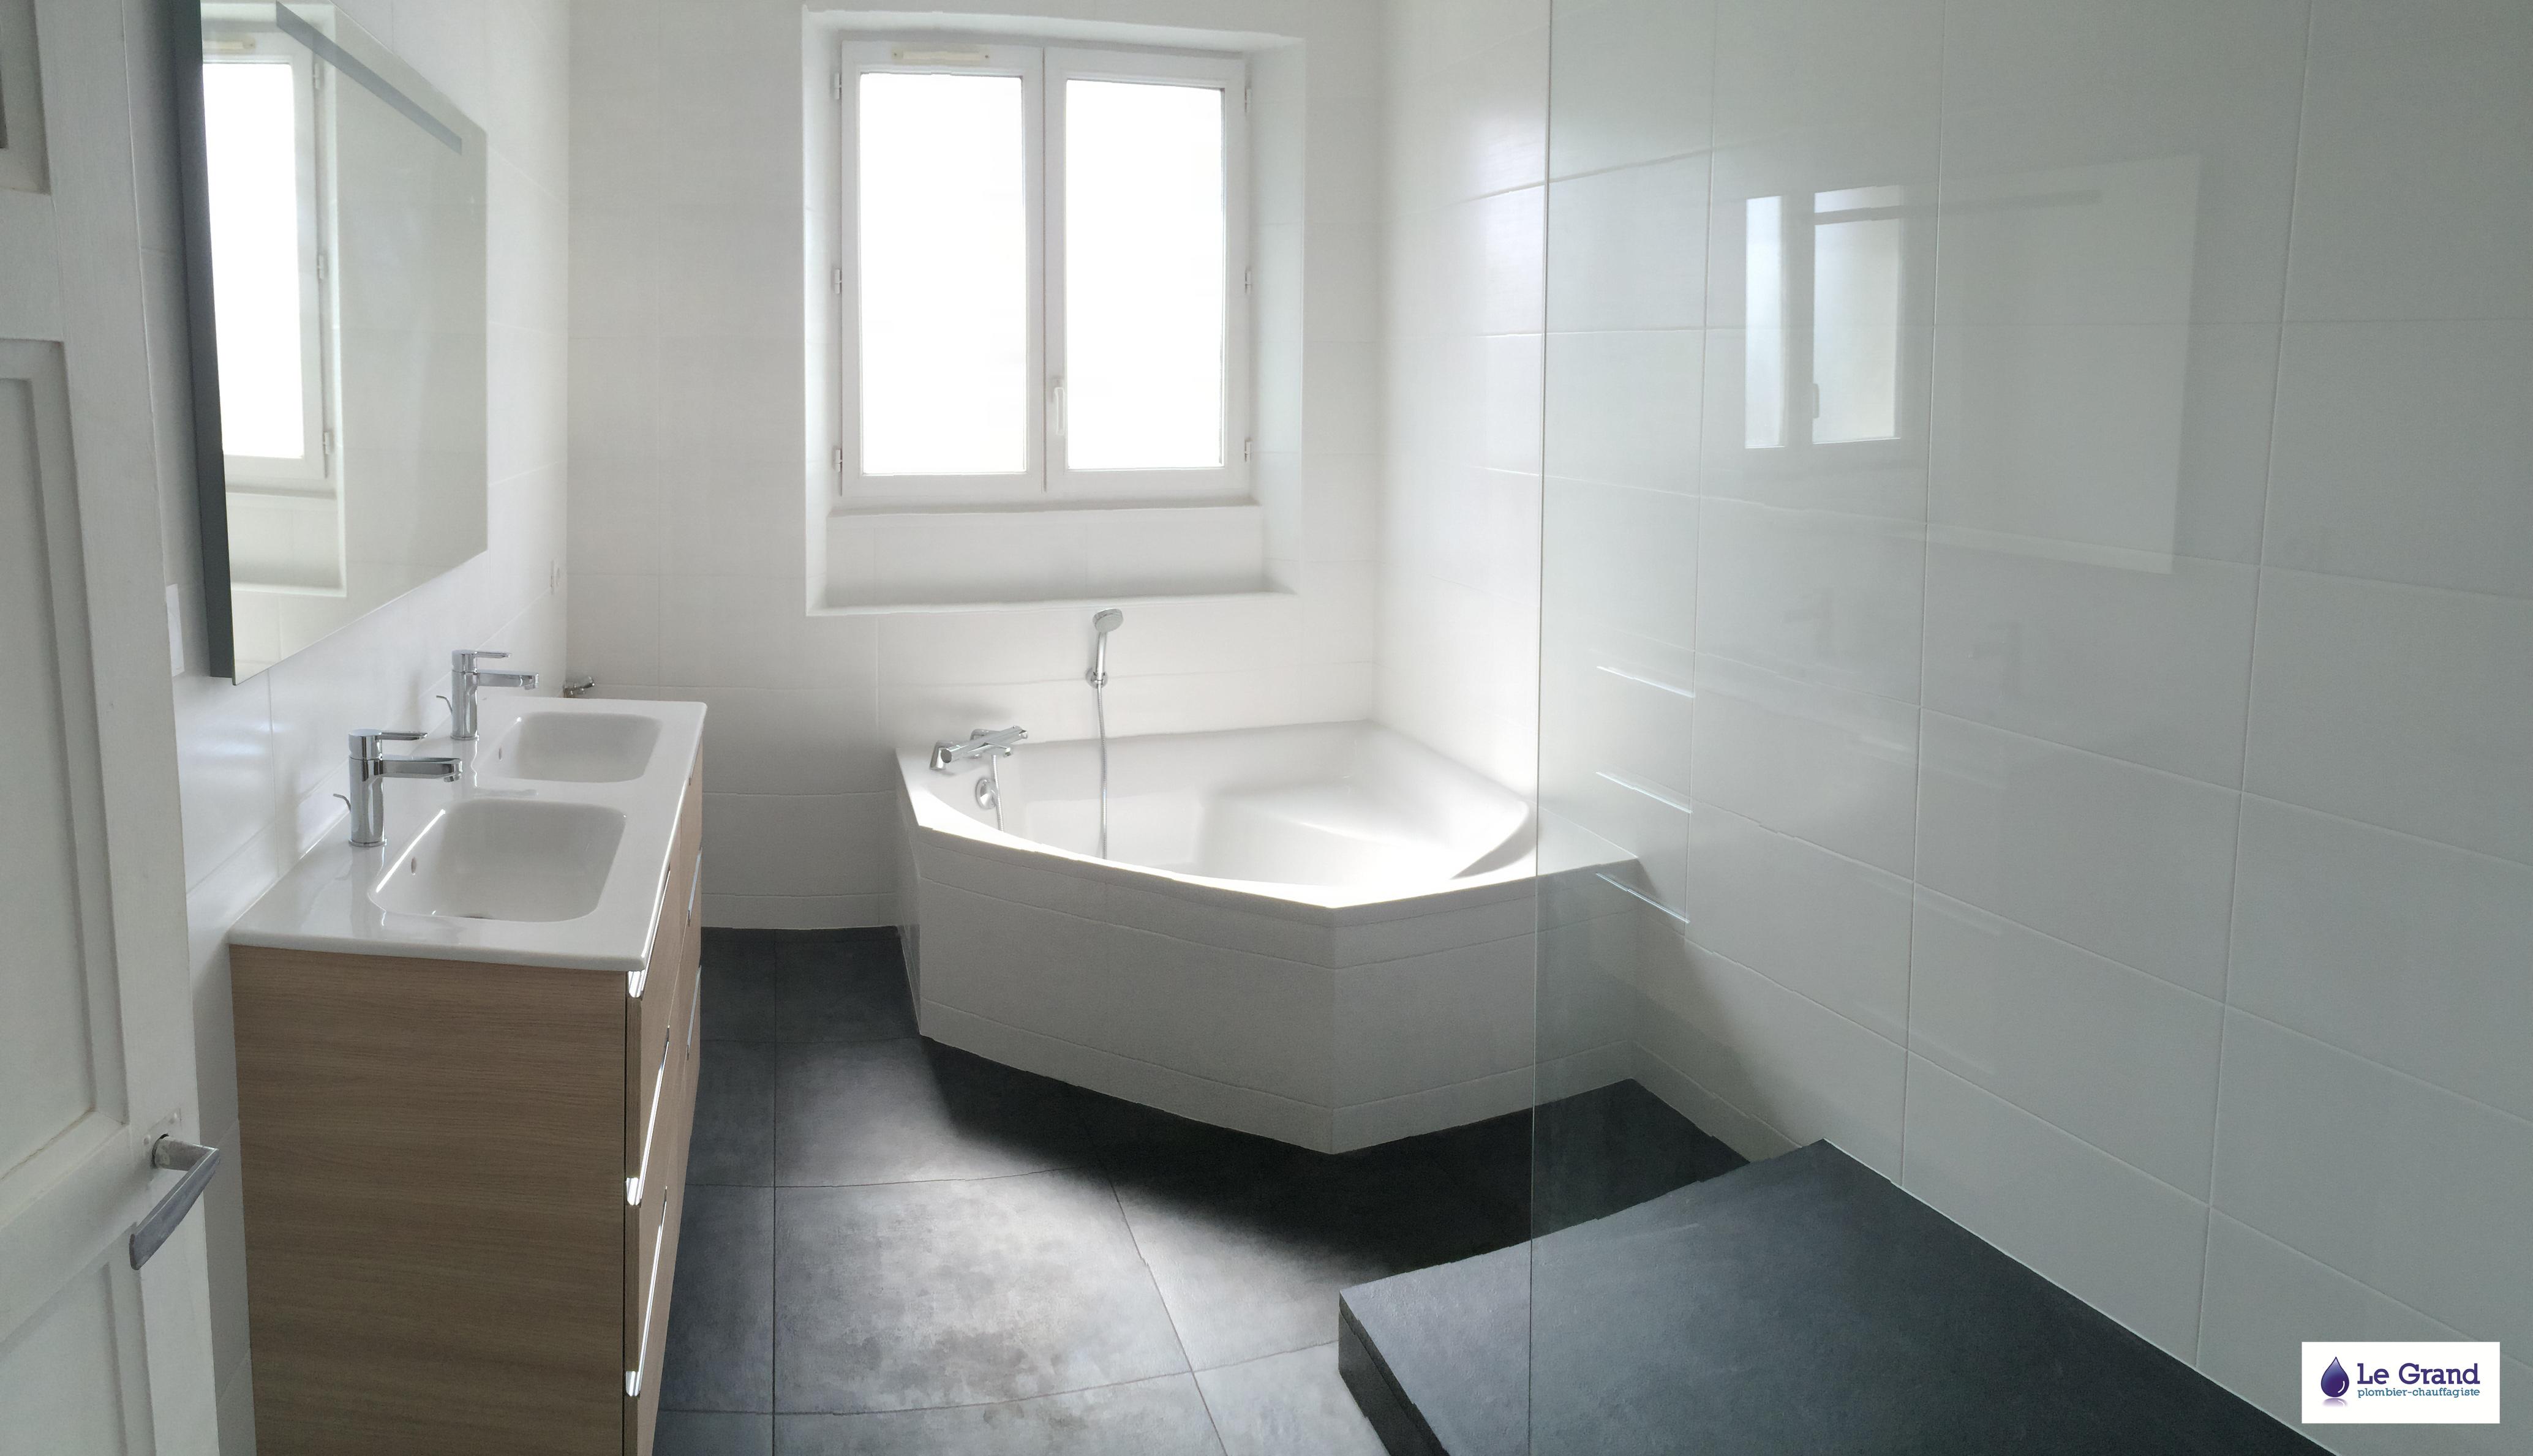 Exemple de cv agenceur de cuisines et salles de bains - Vendeur de salle de bain ...